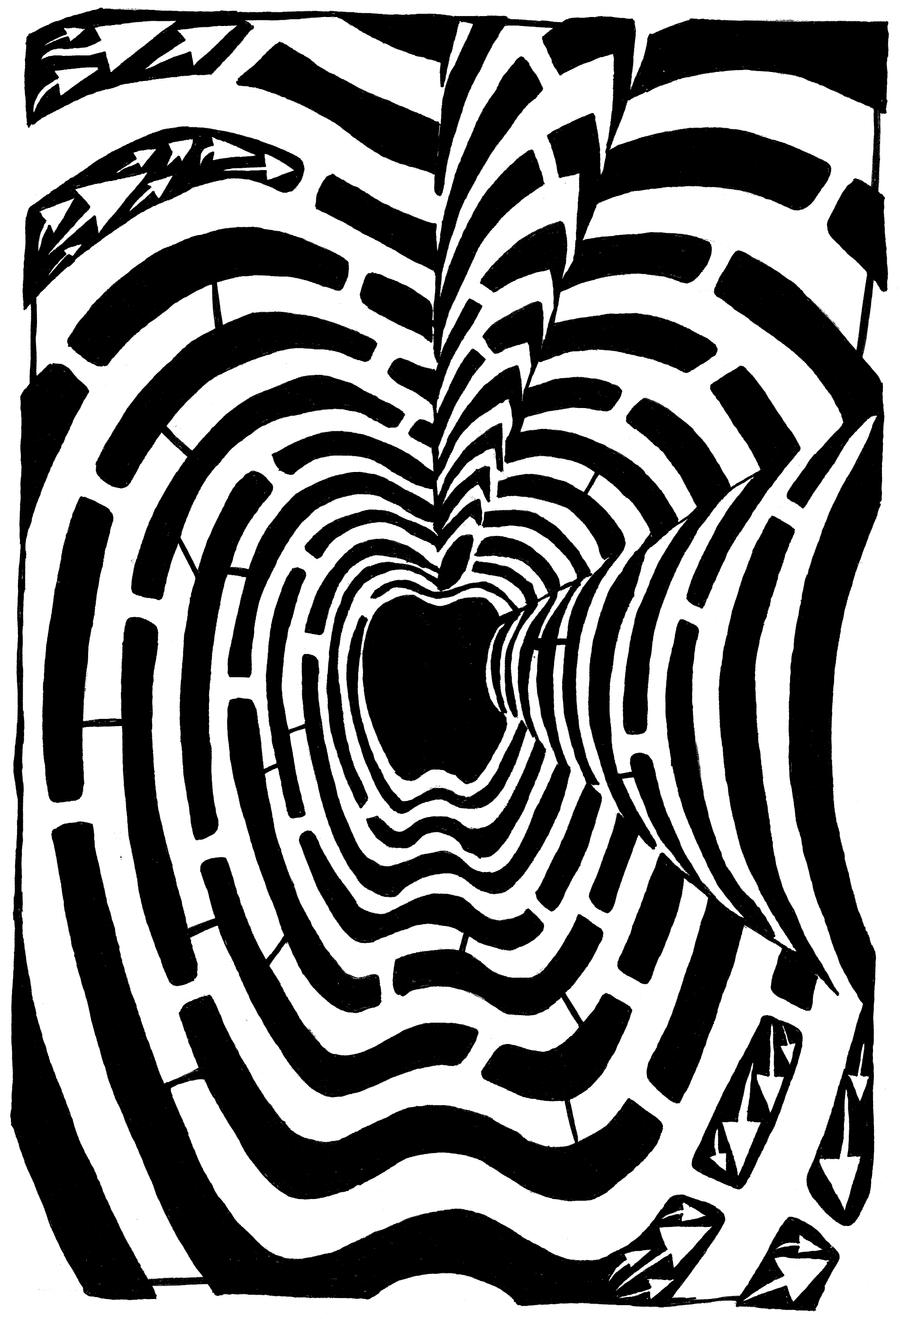 iMaze - Maze of Mac Logo by ink-blot-mazes